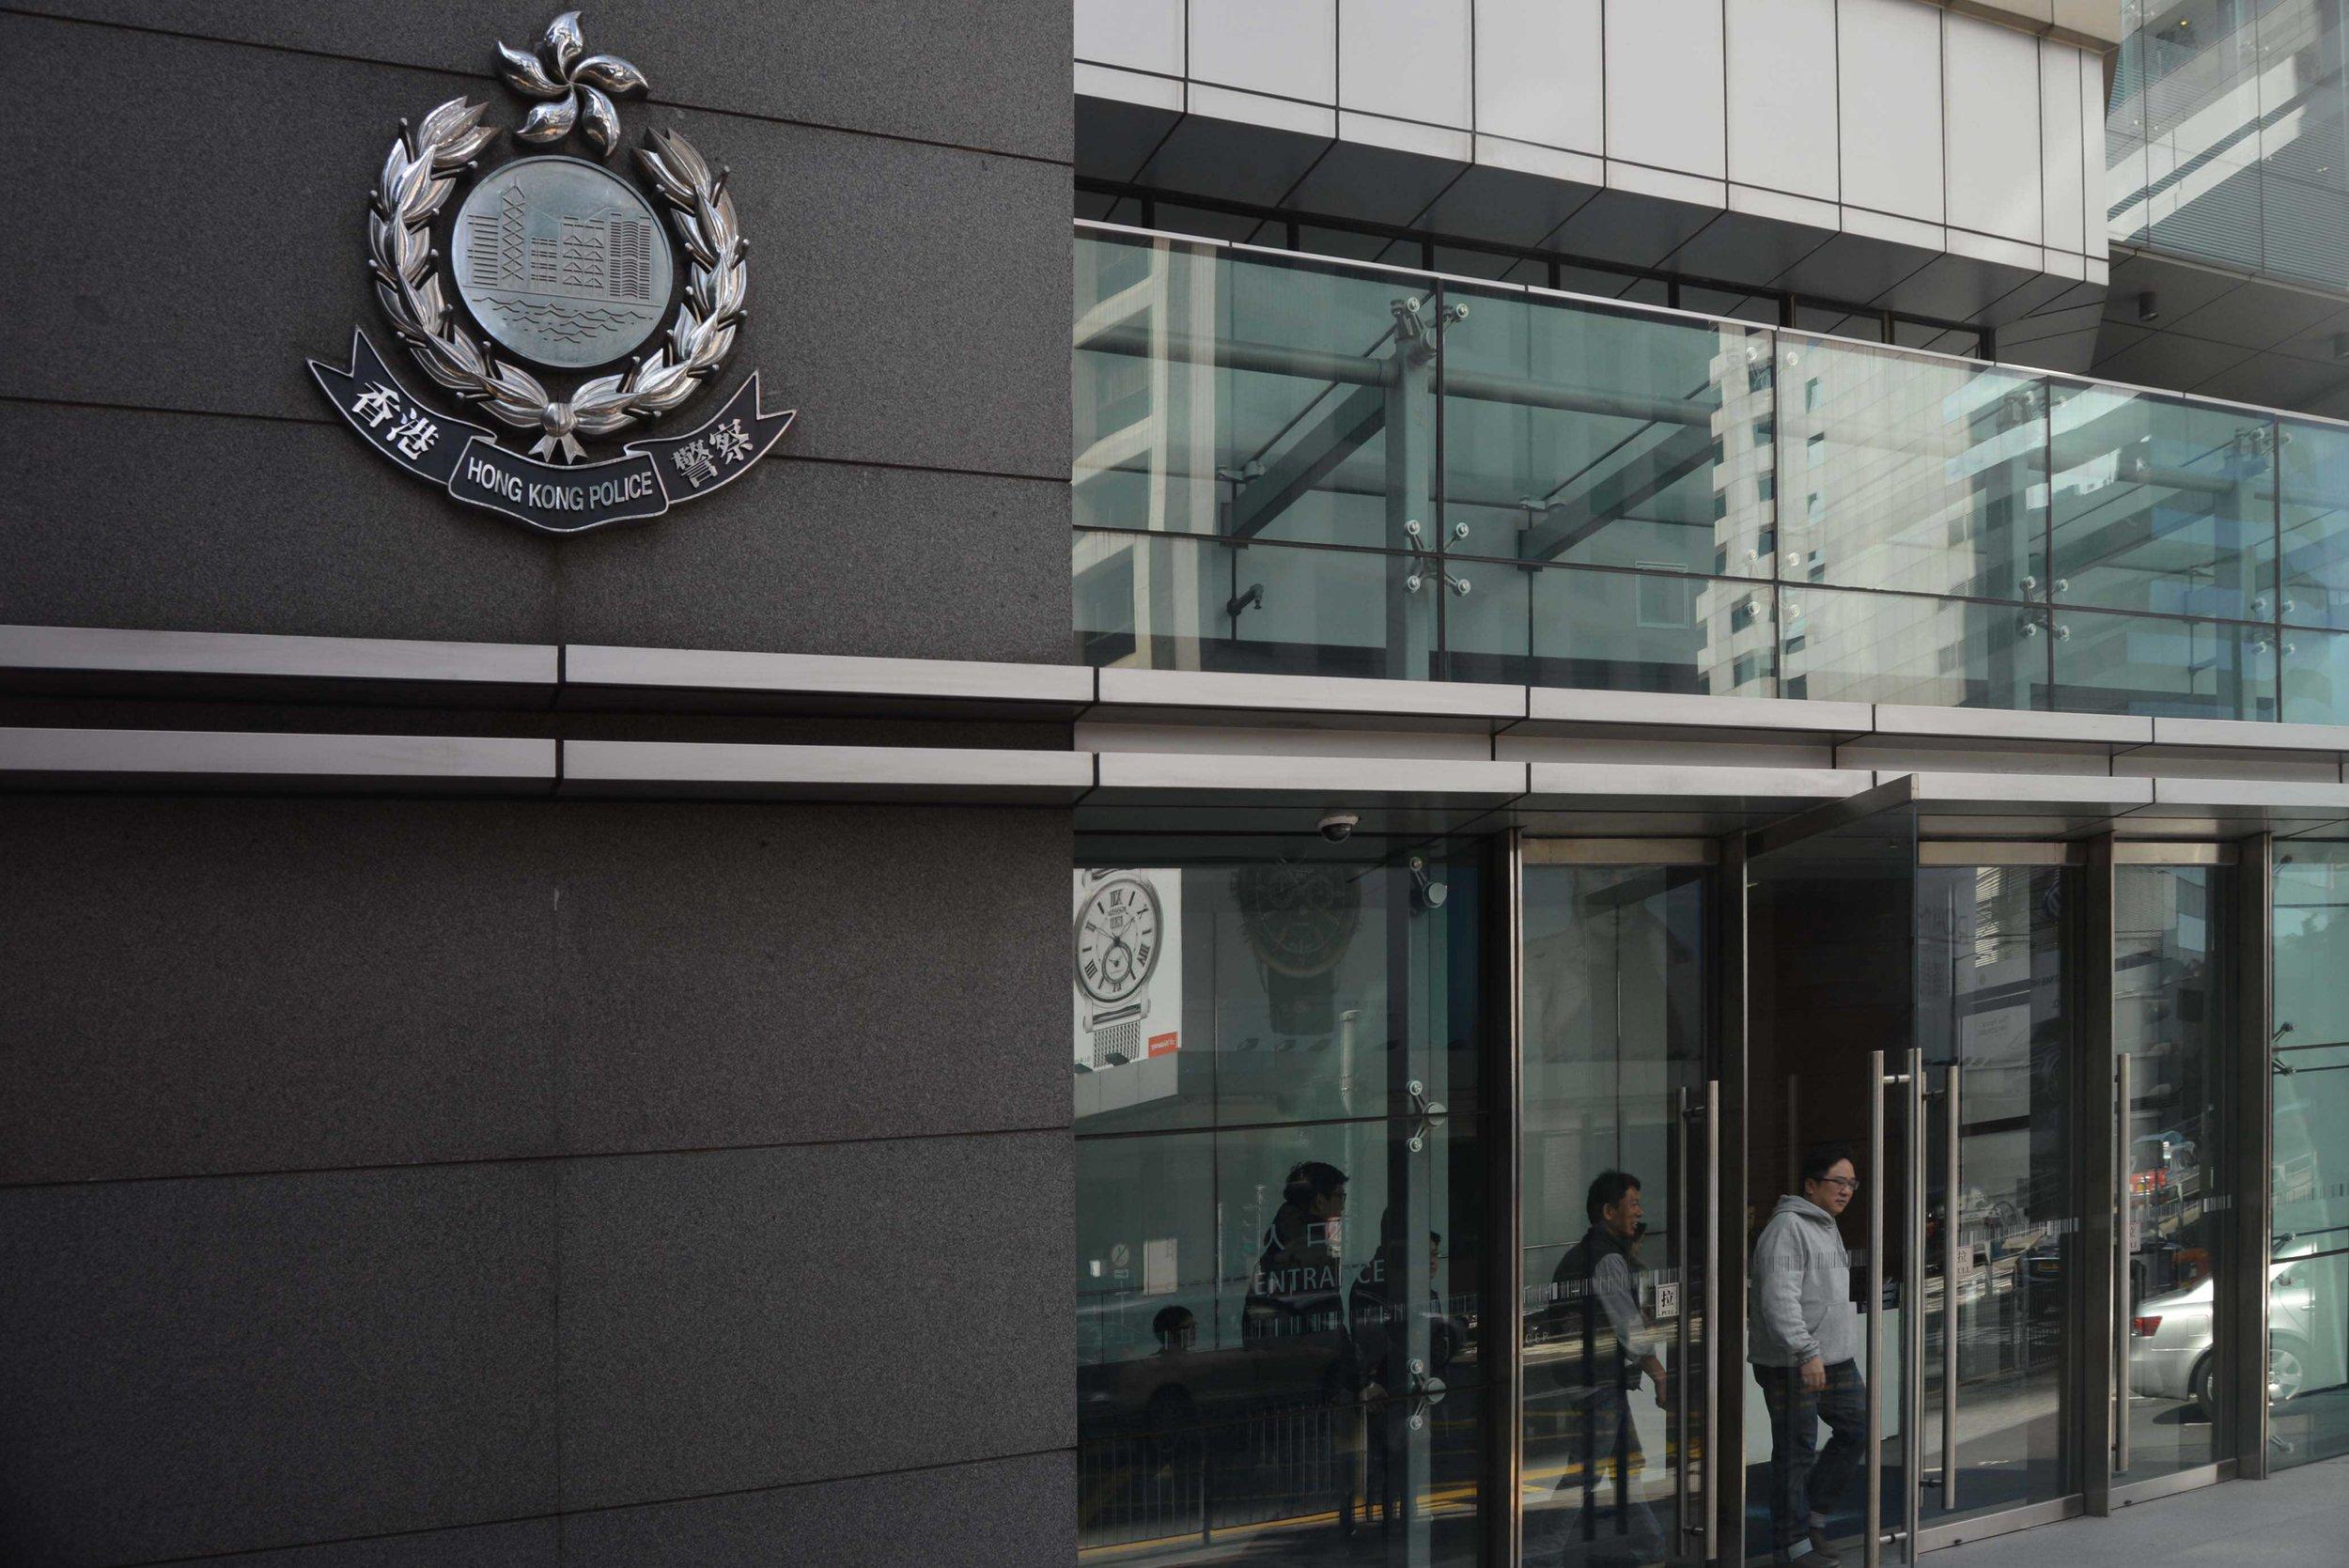 Hong Kong Police Station